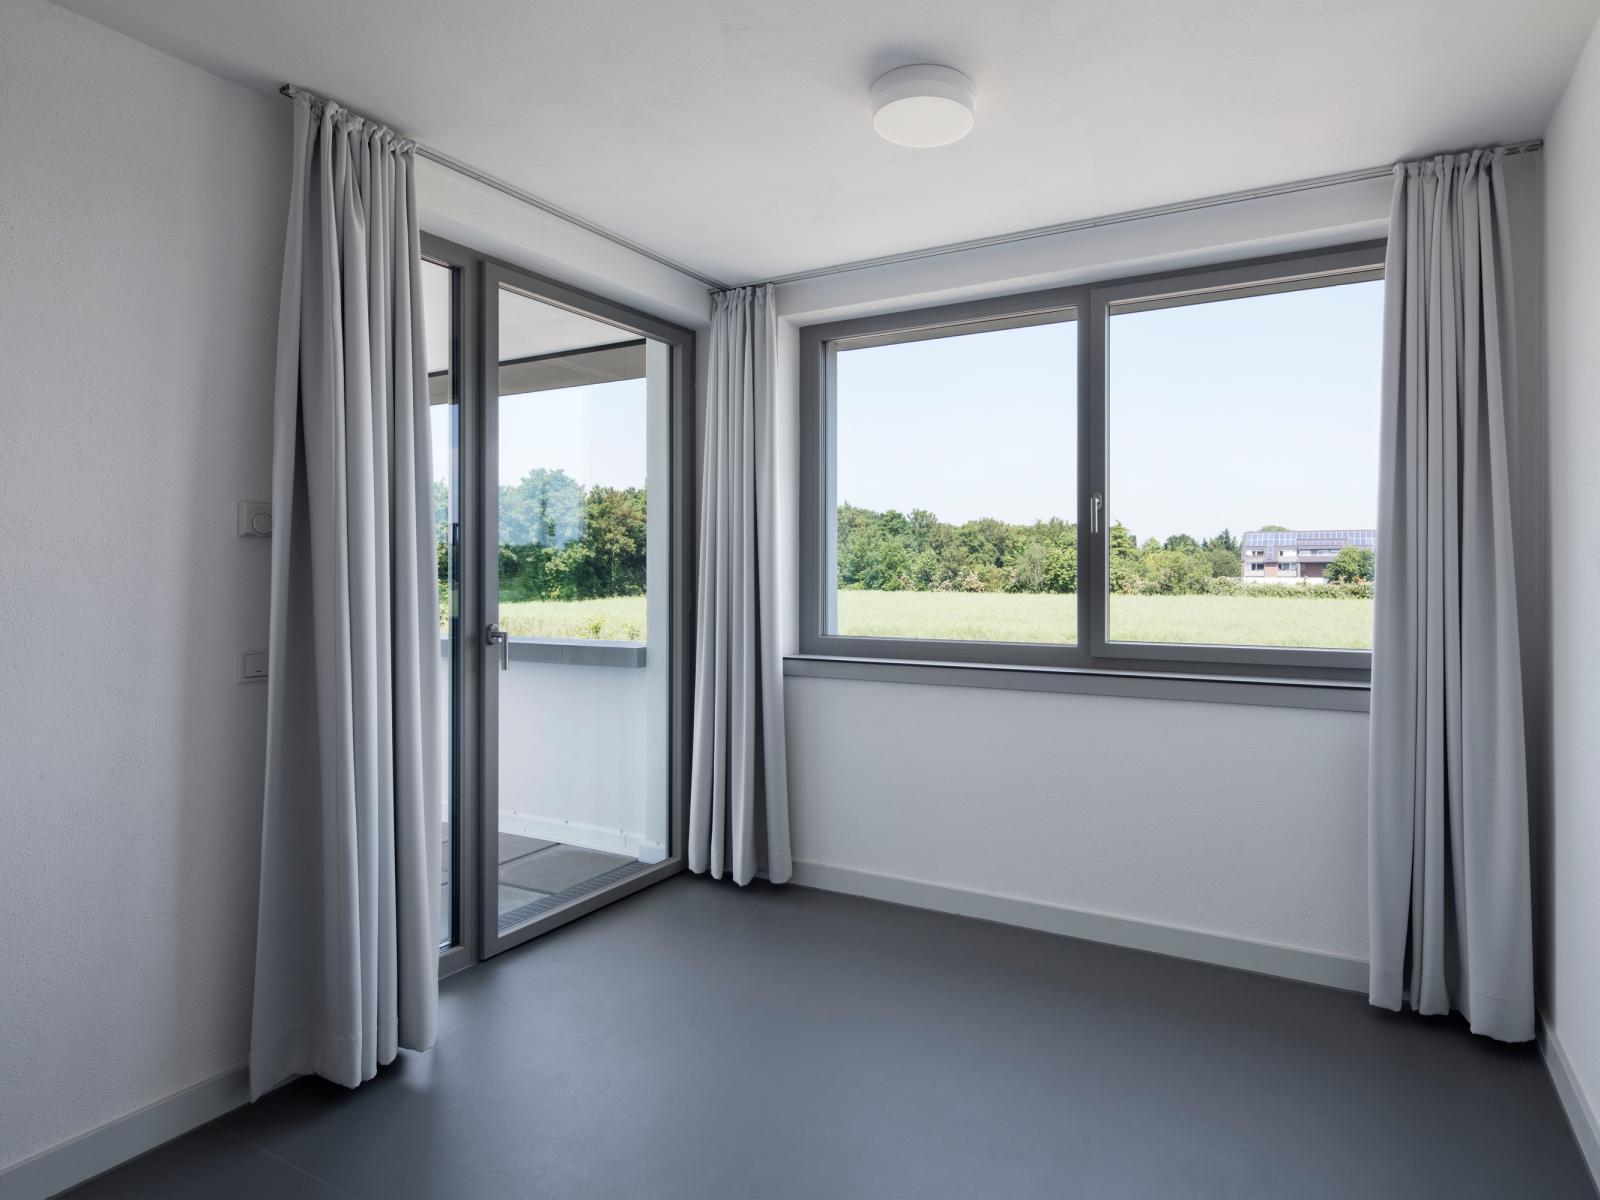 Übergangswohnheime Köln Wohnen